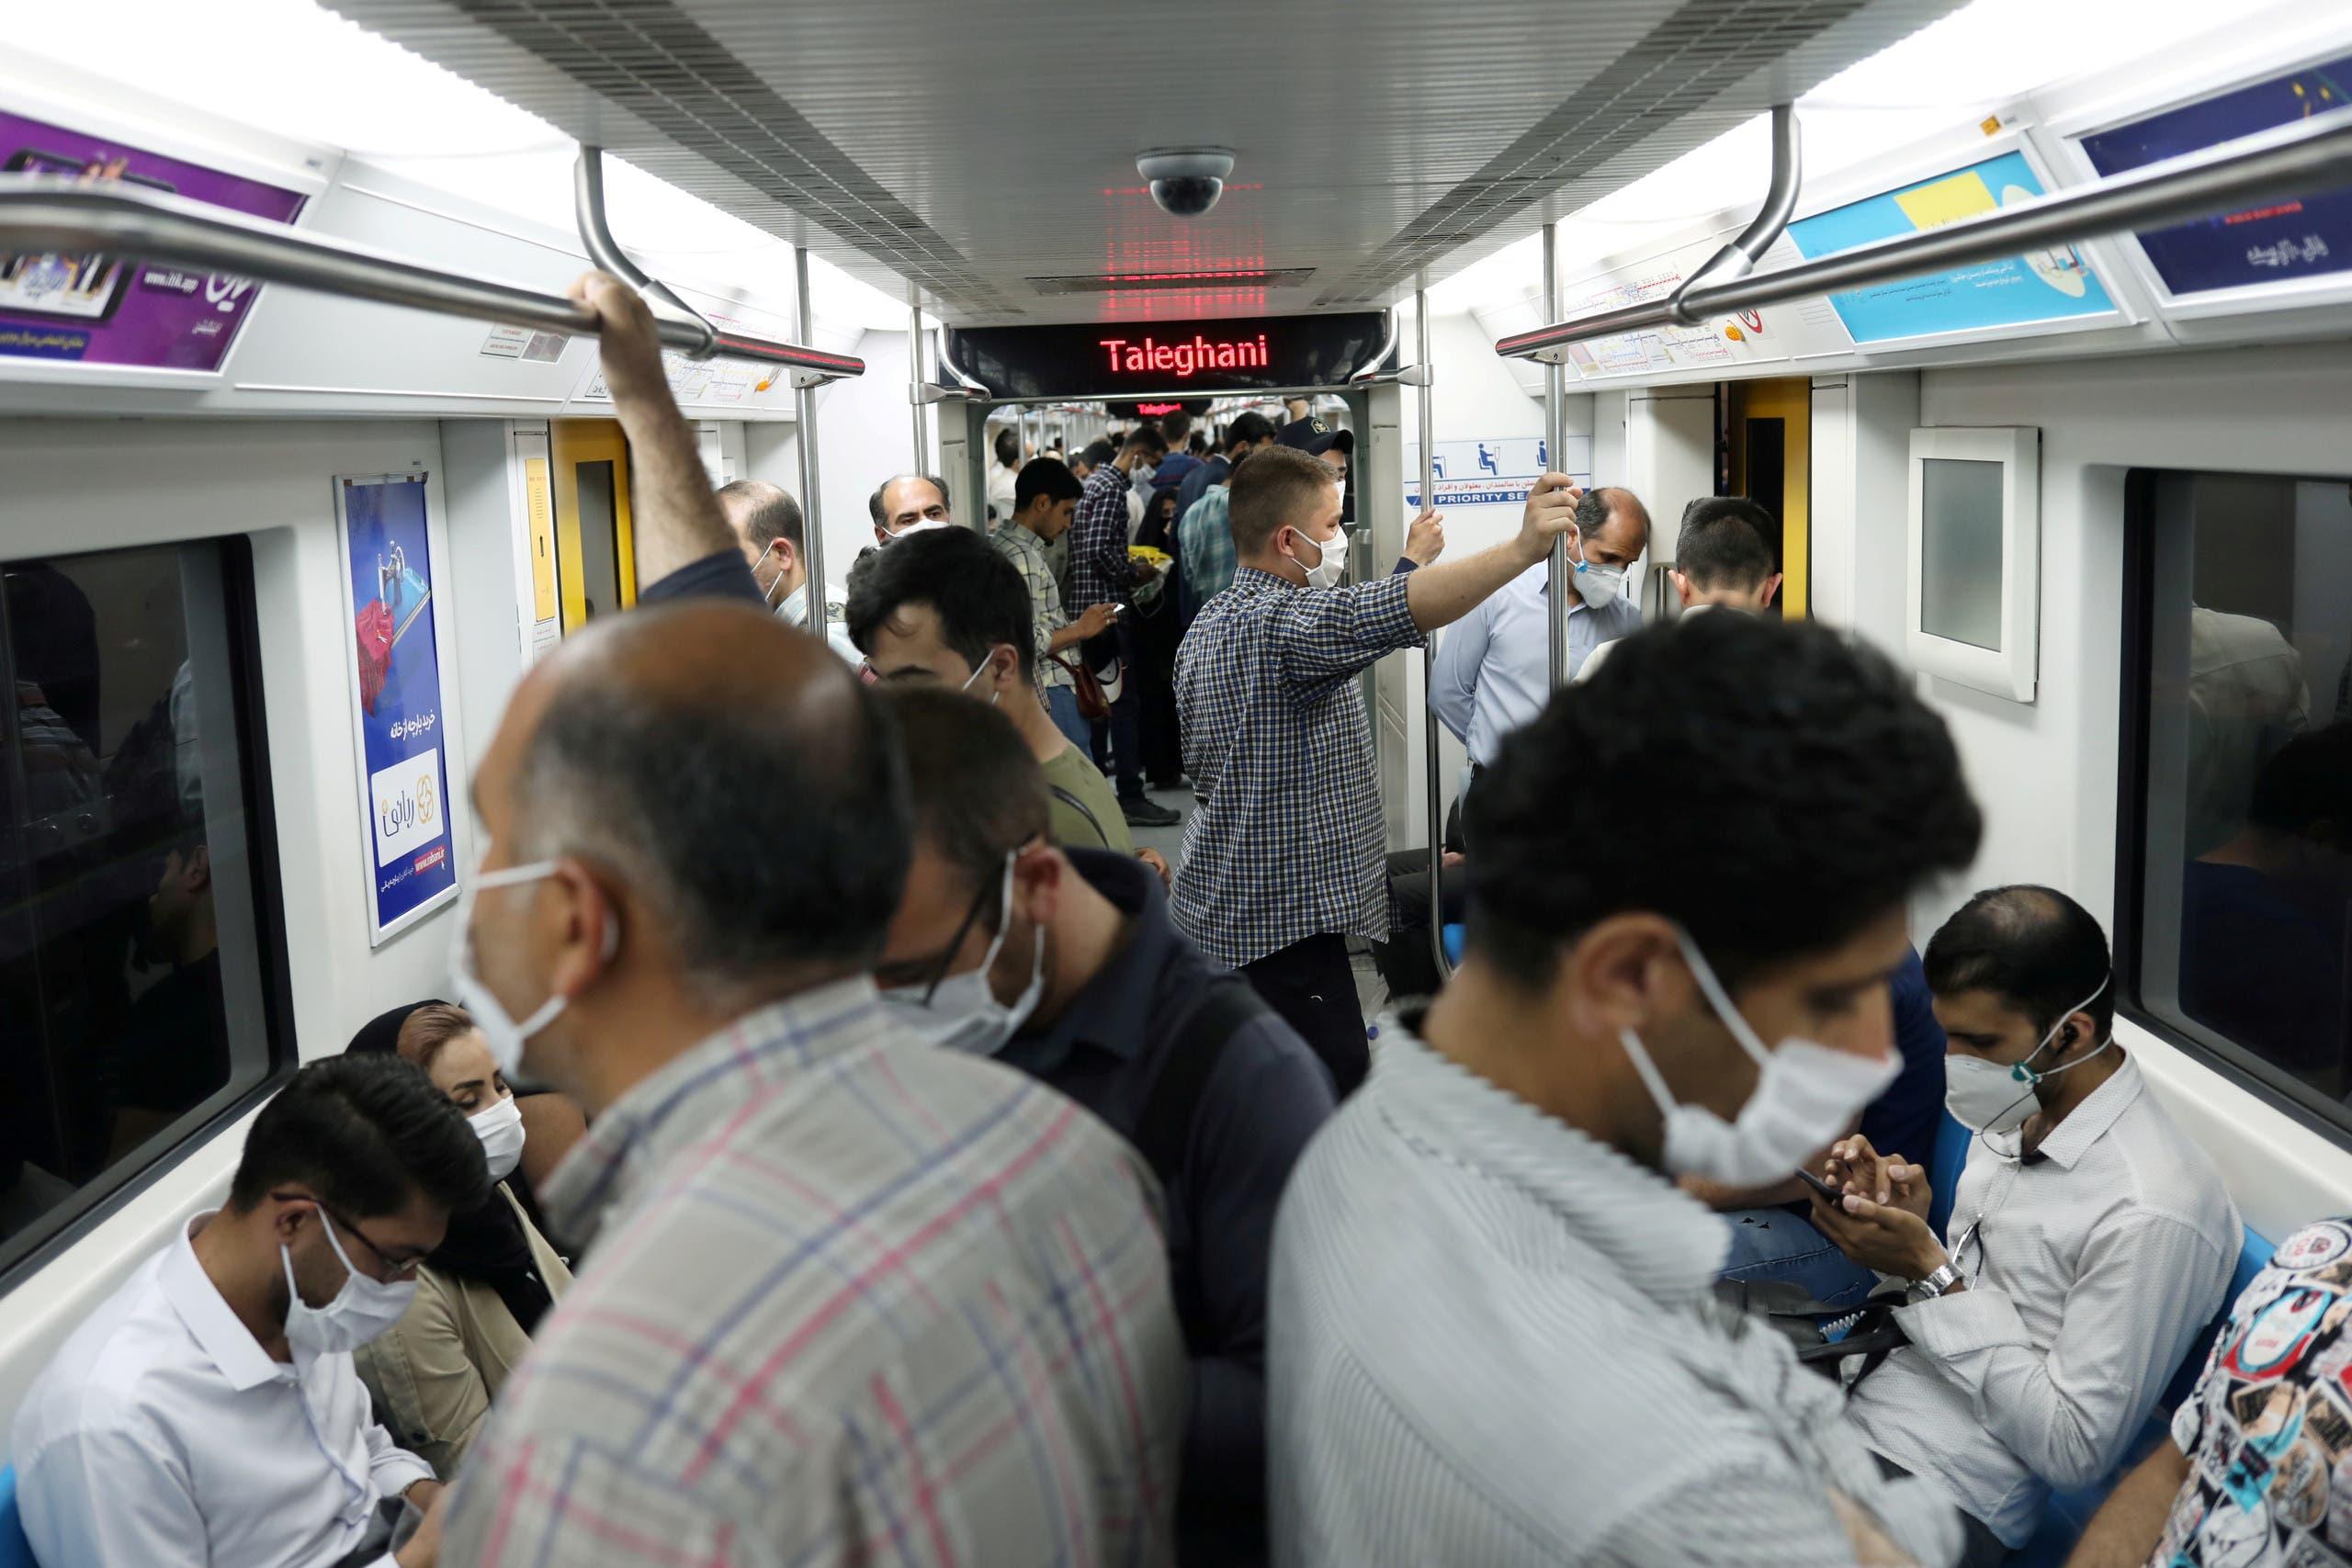 اكتظاظ في مترو طهران والركاب يتسلحون بالكمامات